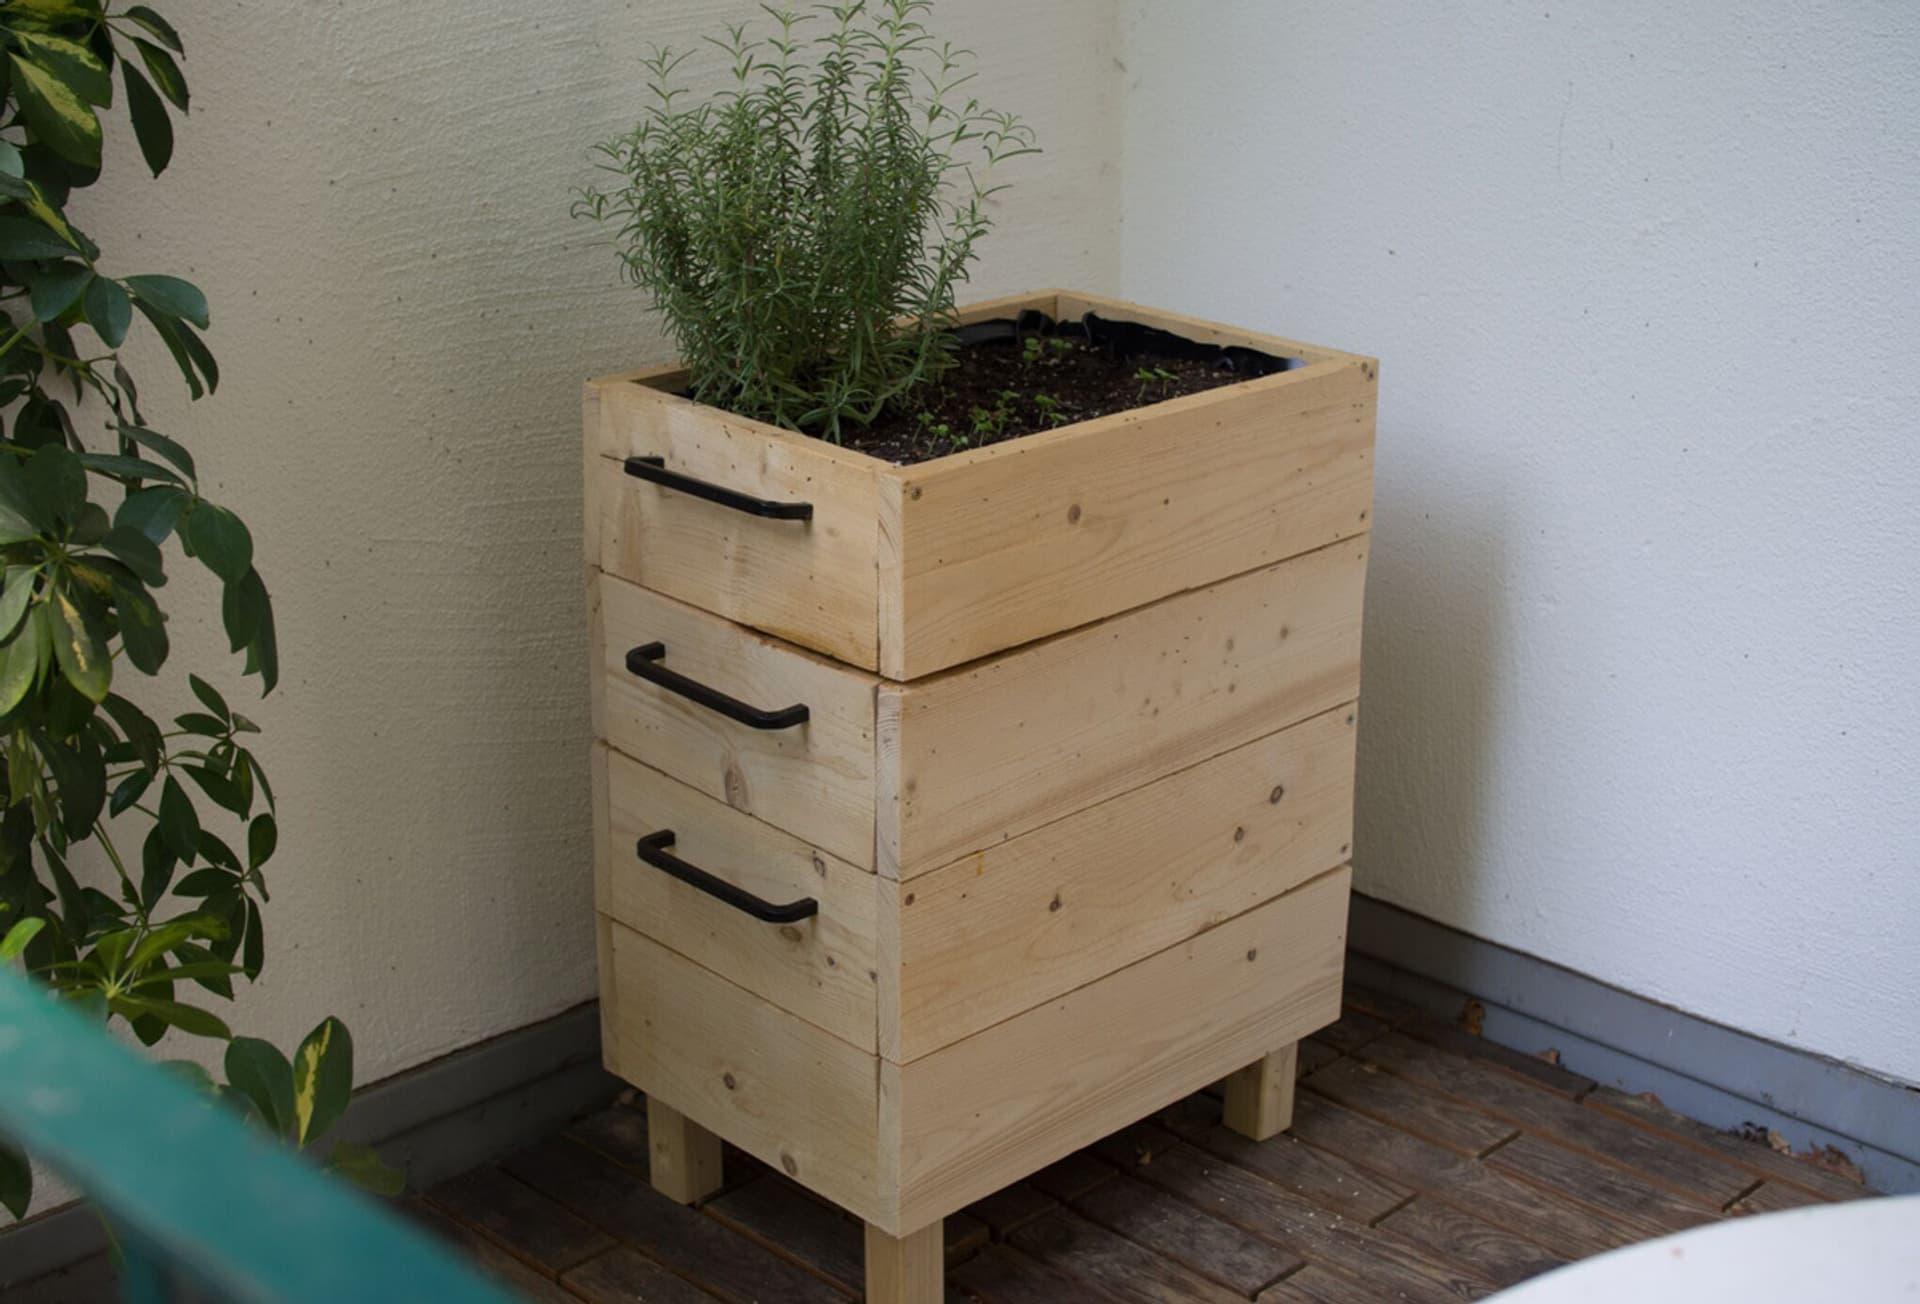 Die fertige Wurmkiste aus Holz und bepflanzt